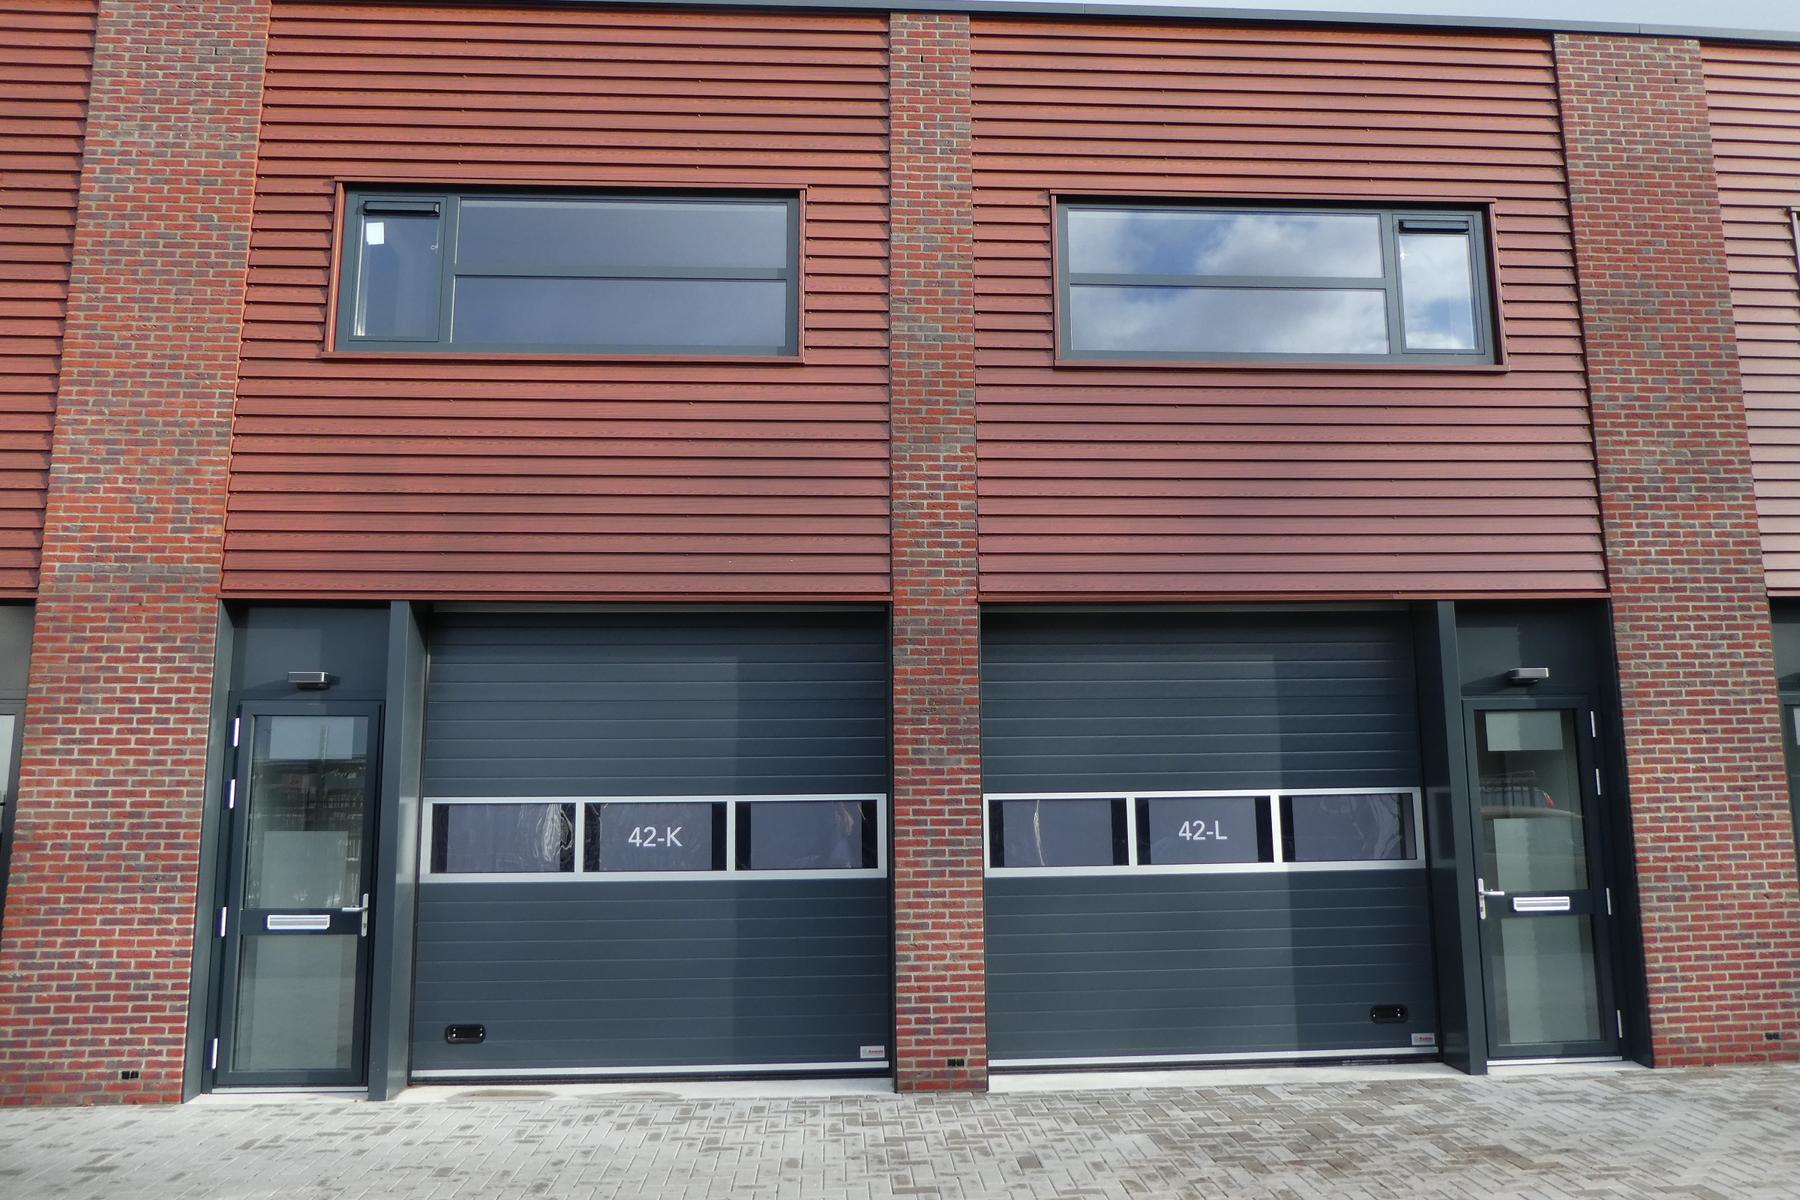 Op bedrijventerrein De Wieken, direct gelegen aan de A28, hebben wij 2 bedrijfsunits te koop, met uiteraard energielabel A.<BR>Wilt u meer informatie, bel RéBM Bedrijfsmakelaardij Amersfoort op 033476530